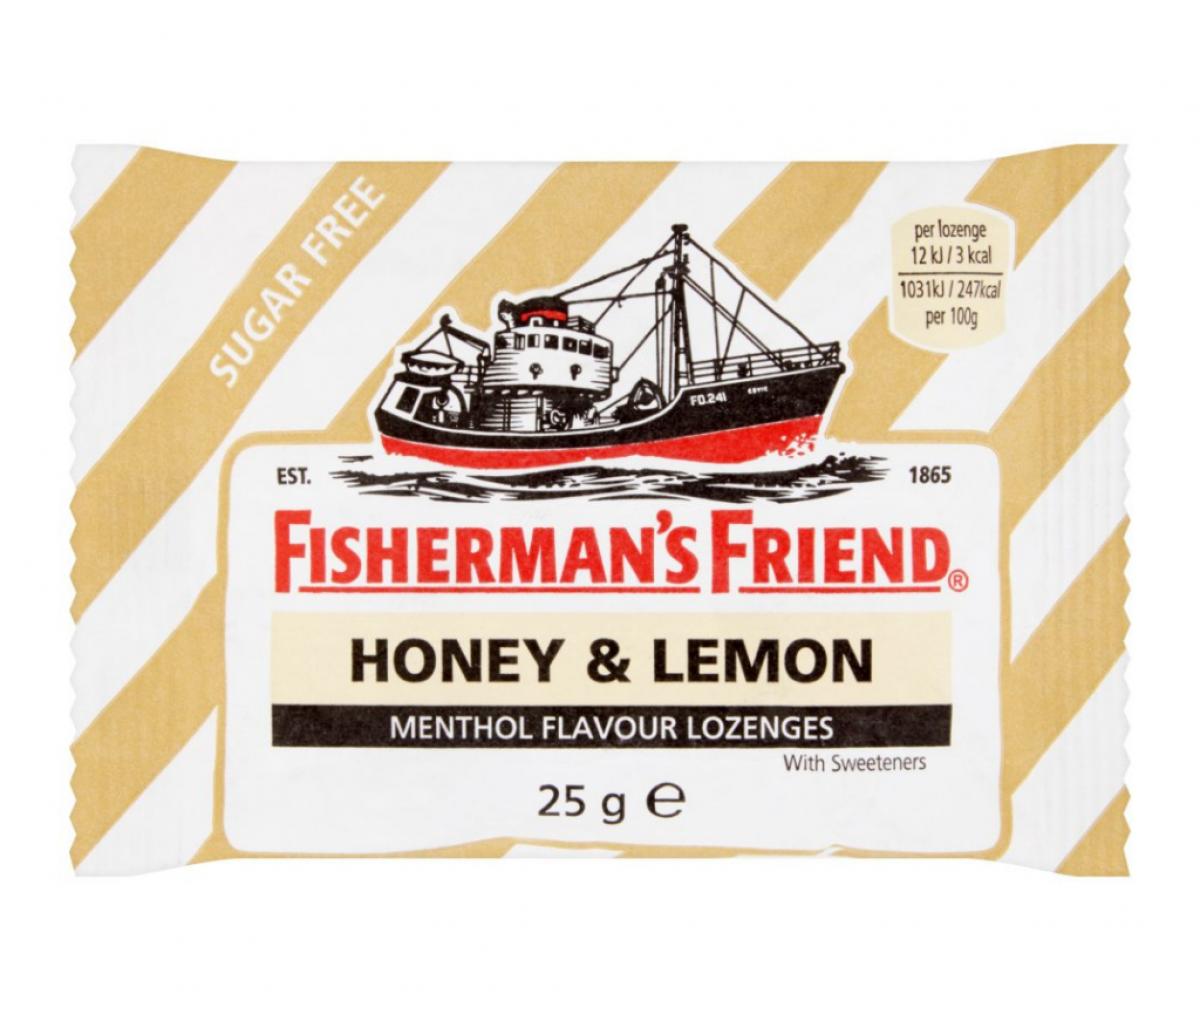 Fisherman's Friend Sugar free Honey & Lemon 25g